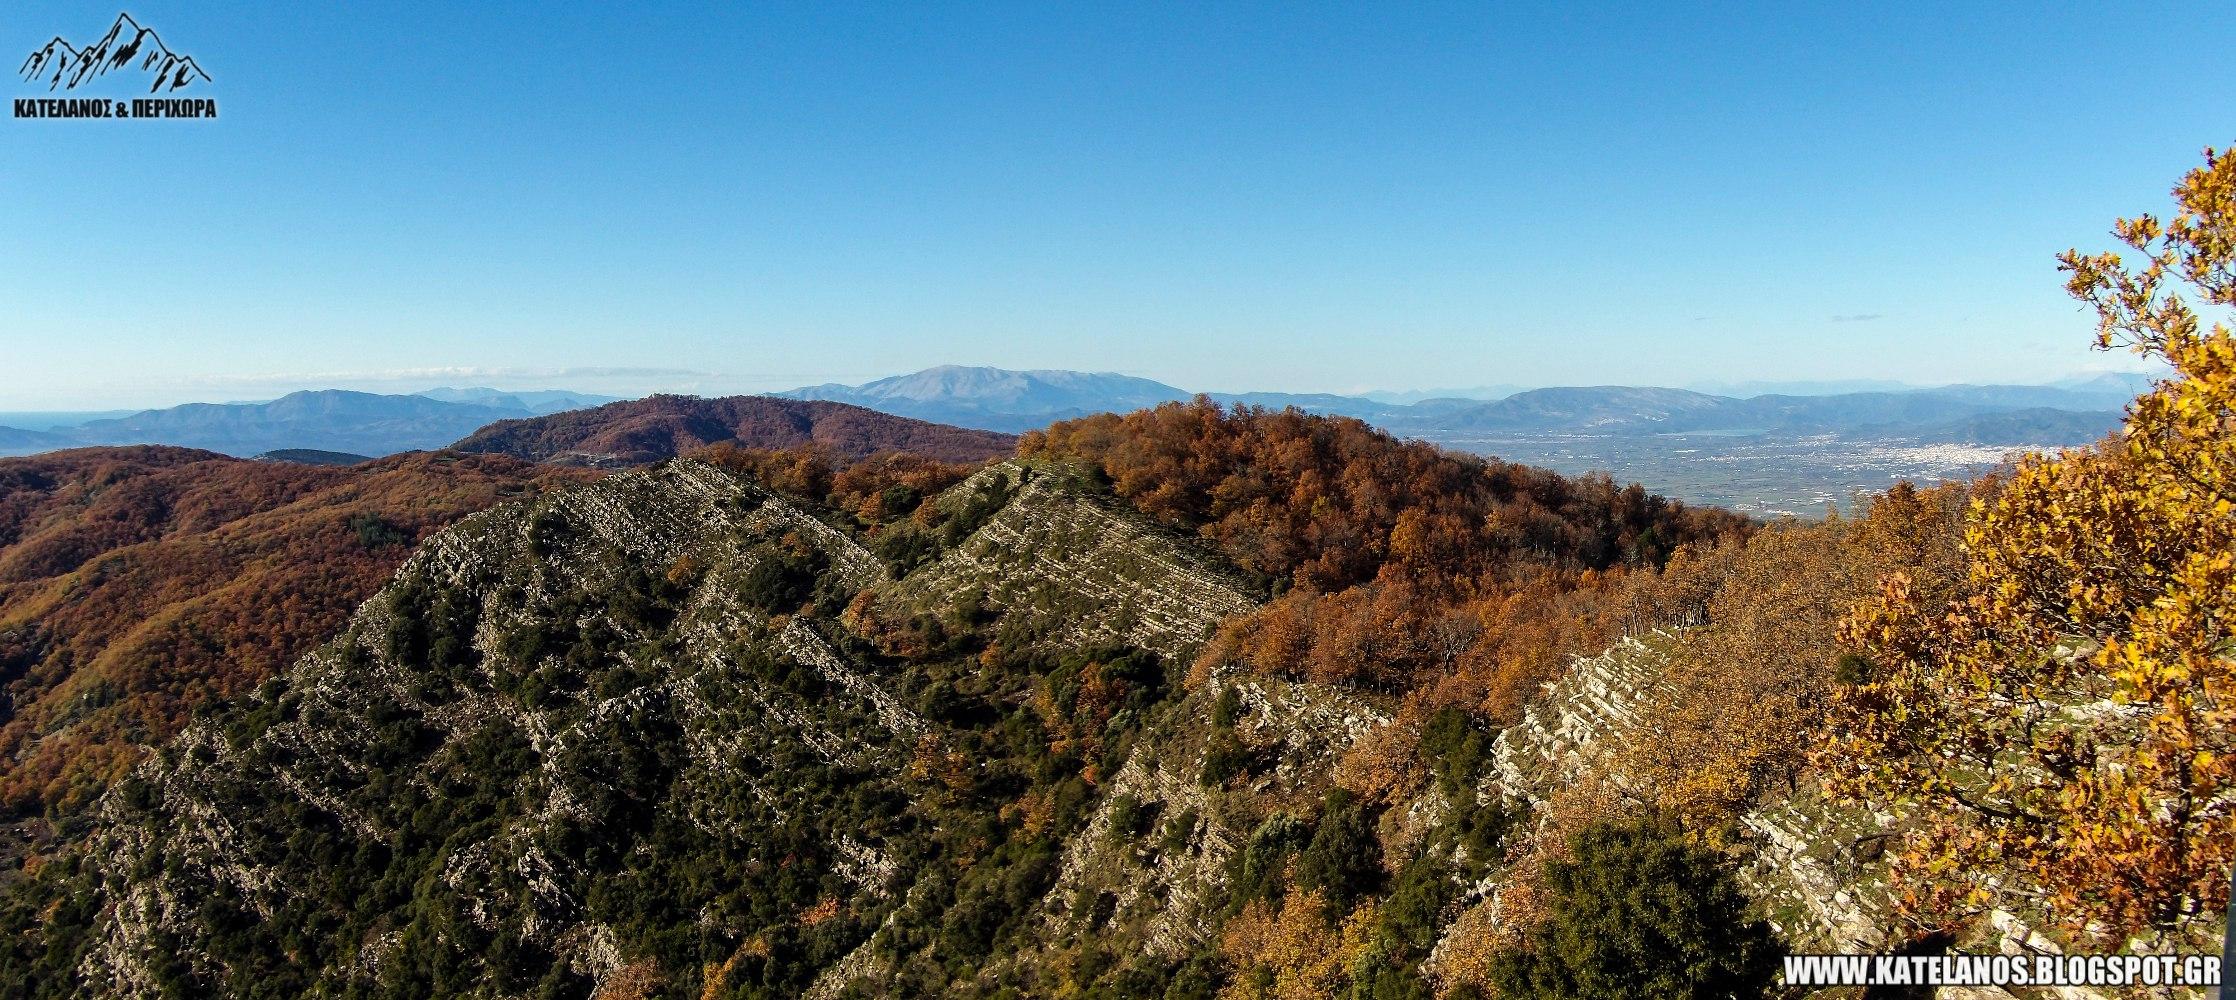 αρακυνθος ορος βουνο αιτωλοακαρνανιας